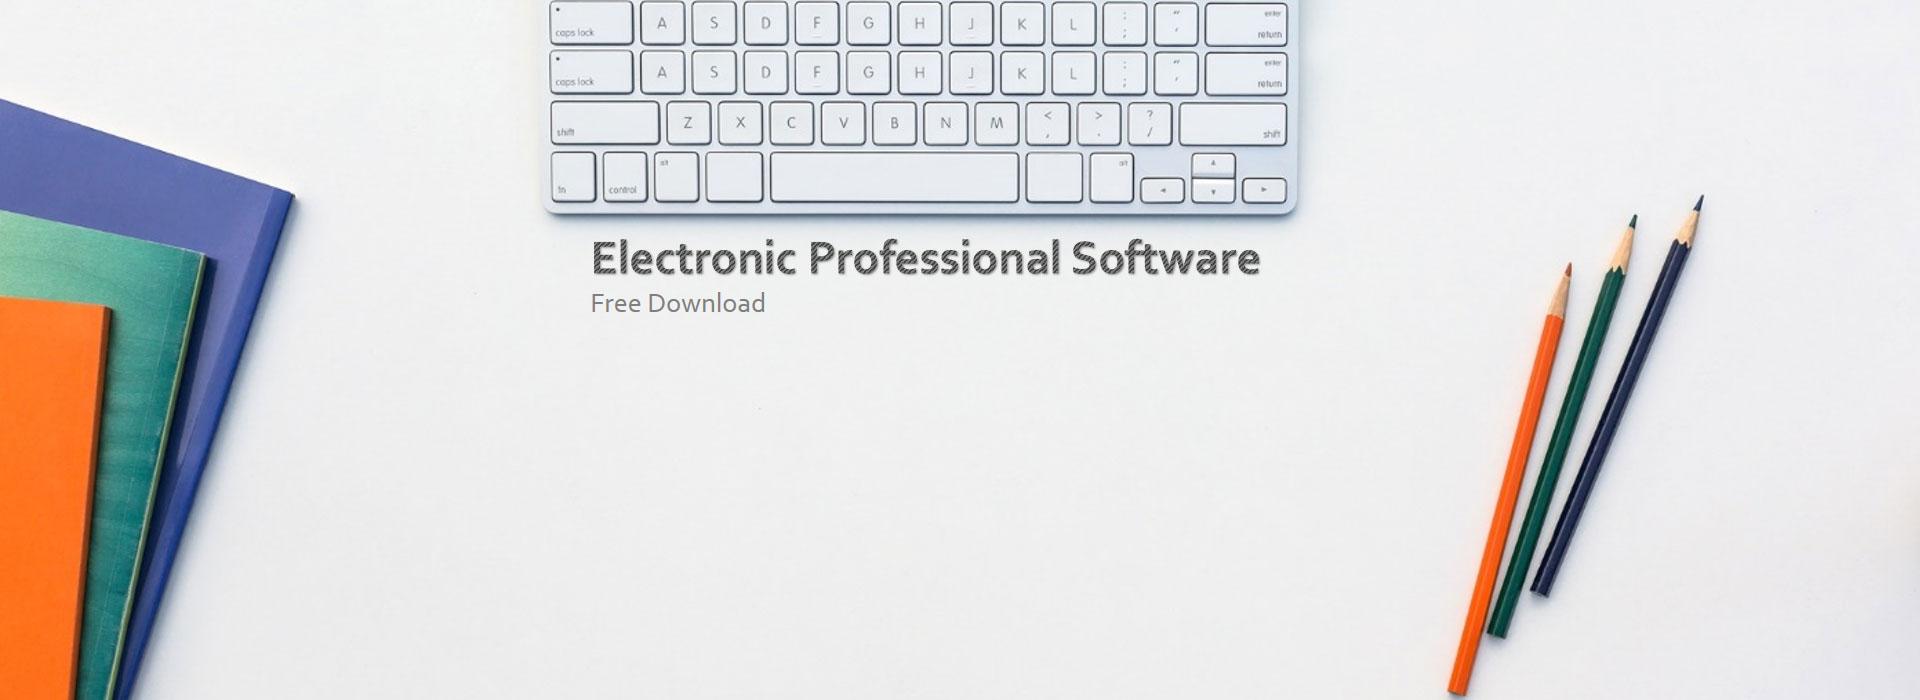 دانلود نرم افزارهای تخصصی رشته برق الکترونیک